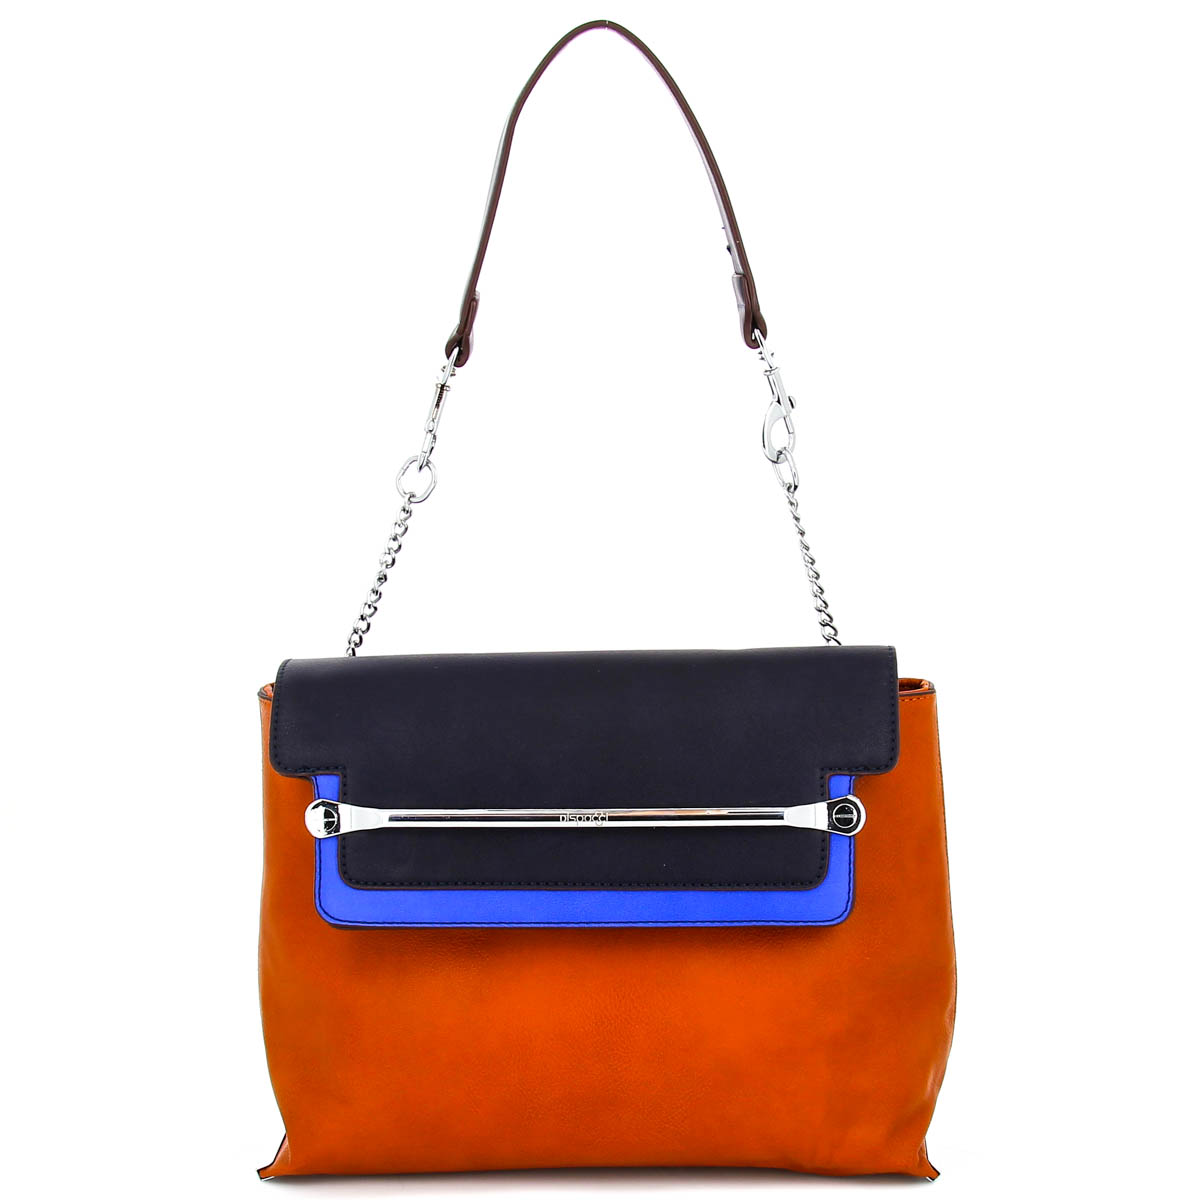 Сумка женская Dispacci, цвет: коричневый, синий, черный. 92020S76245Женская сумка Dispacci выполнена из экокожи и декорирована металлическим элементом. Сумка закрывается клапаном на магнитную кнопку. Сумка содержит одно отделение, внутри которого два накладных кармашка для мелочей и мобильного телефона, два кармана на застежках-молниях. С внешней стороны сумки расположен карман-накладка.Сумка оснащена ремнем-цепочкой с кожаной вставкой на плече, съемным плечевым регулируемым ремнем и основанием с двумя металлическими ножками.Фурнитура - серебристого цвета. Стильная женская сумка добавит вам очарования и сделает образ модным и актуальным.